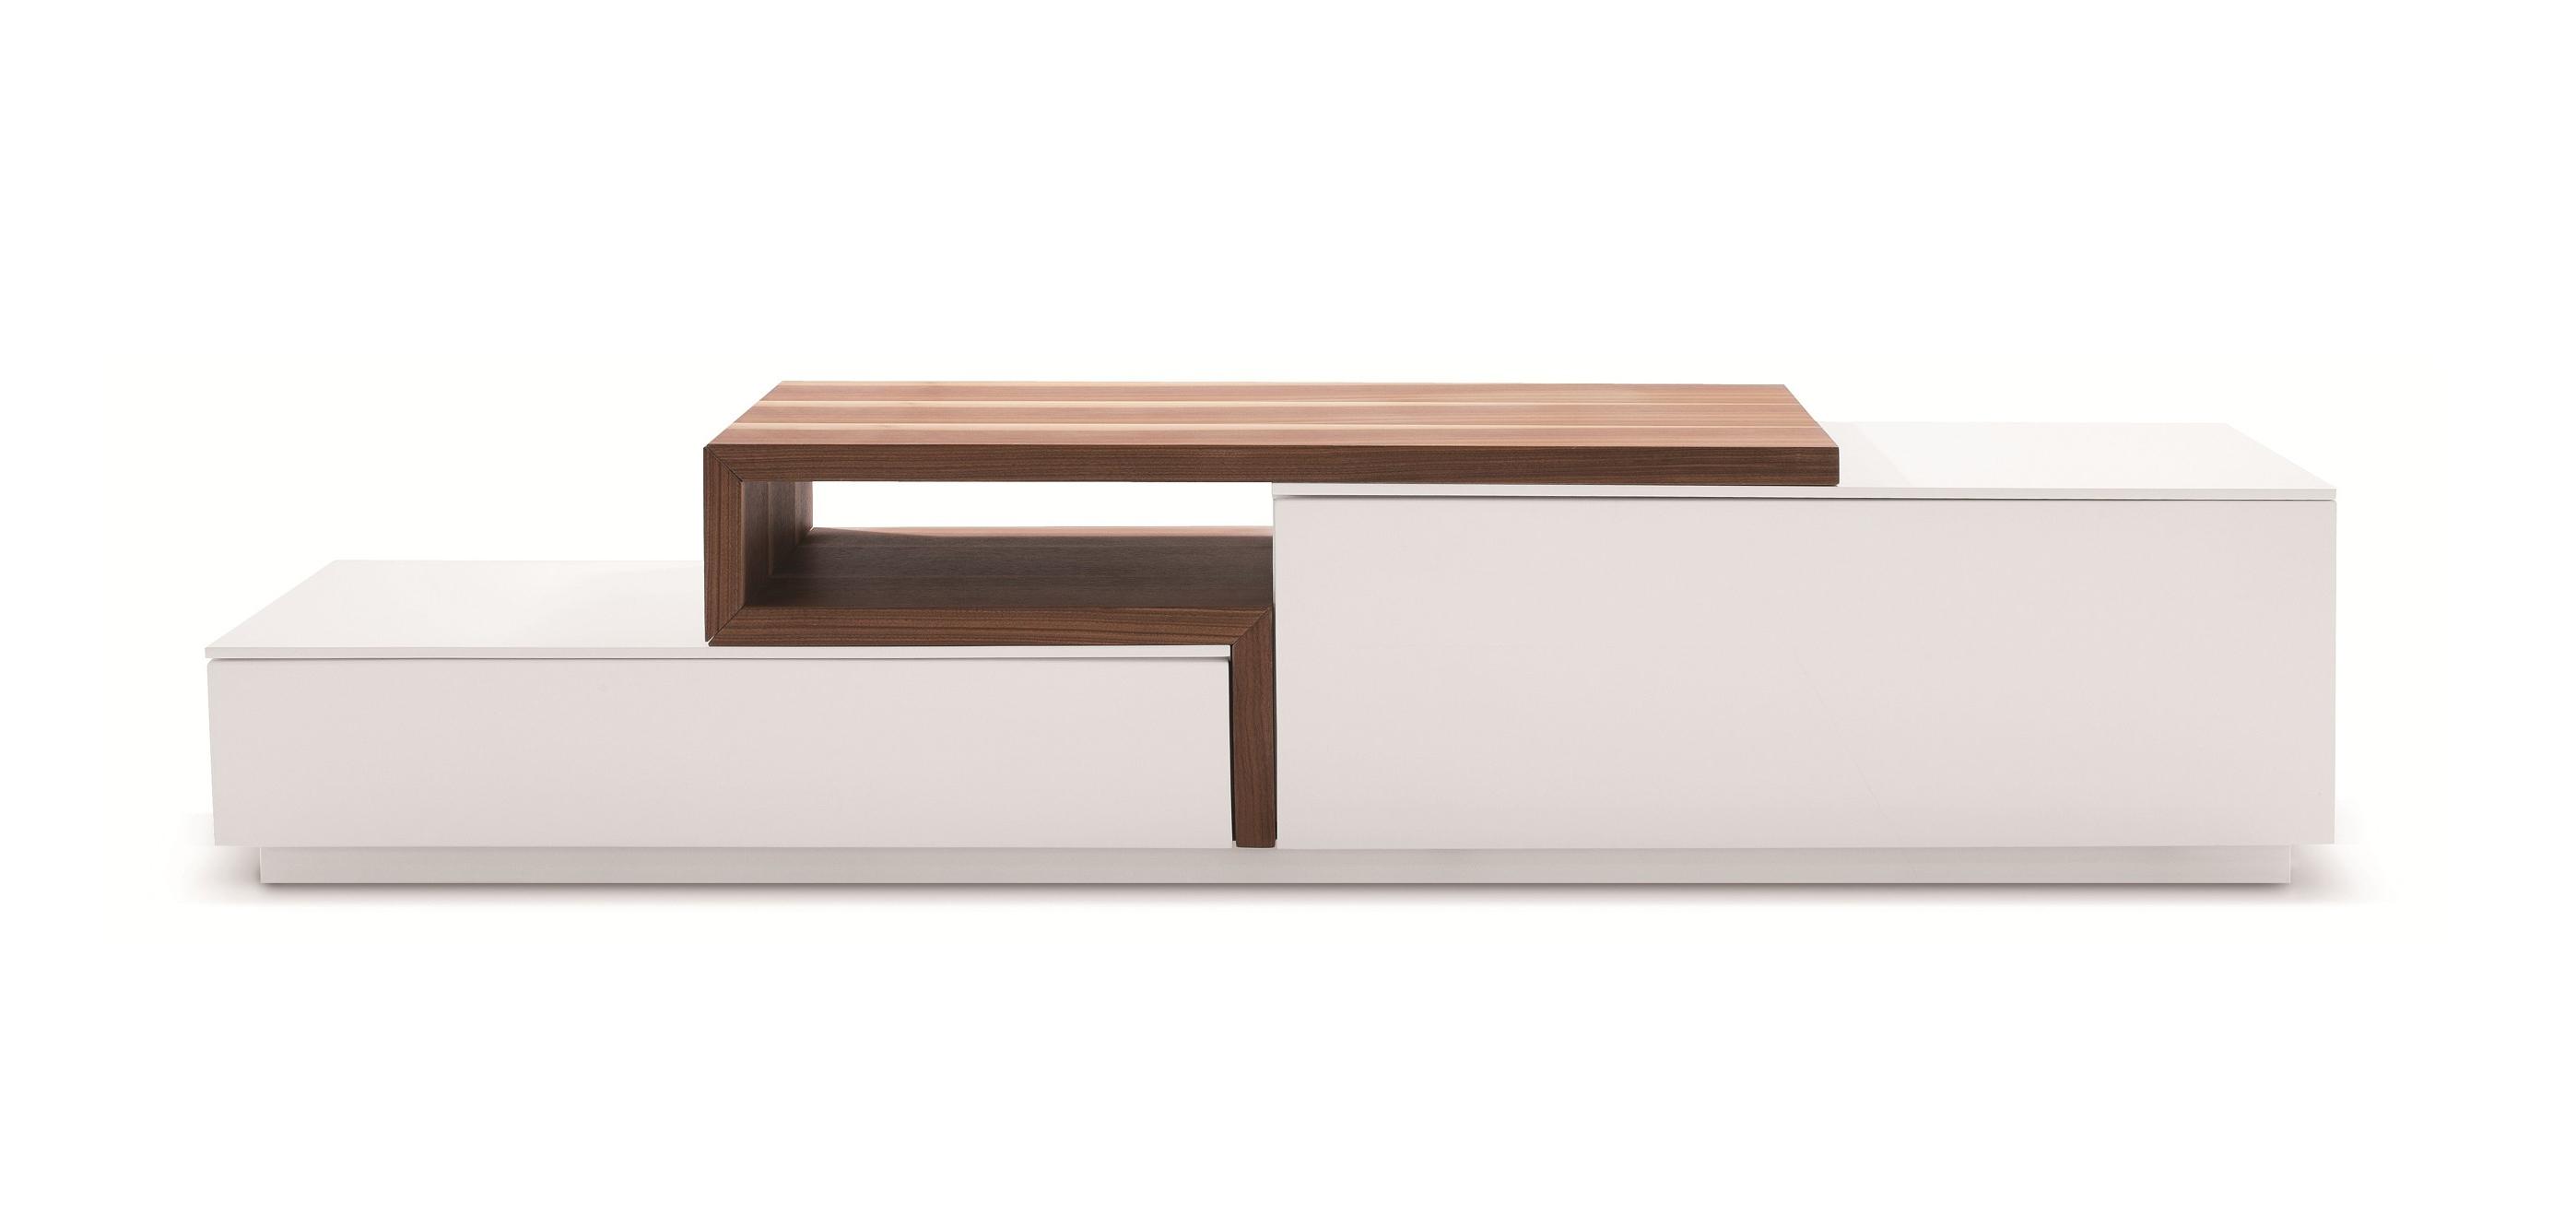 Cheap Tv Stand Ikea Hemnes White 60 Inch Overstock Mid Century In Century White 60 Inch Tv Stands (Gallery 3 of 20)